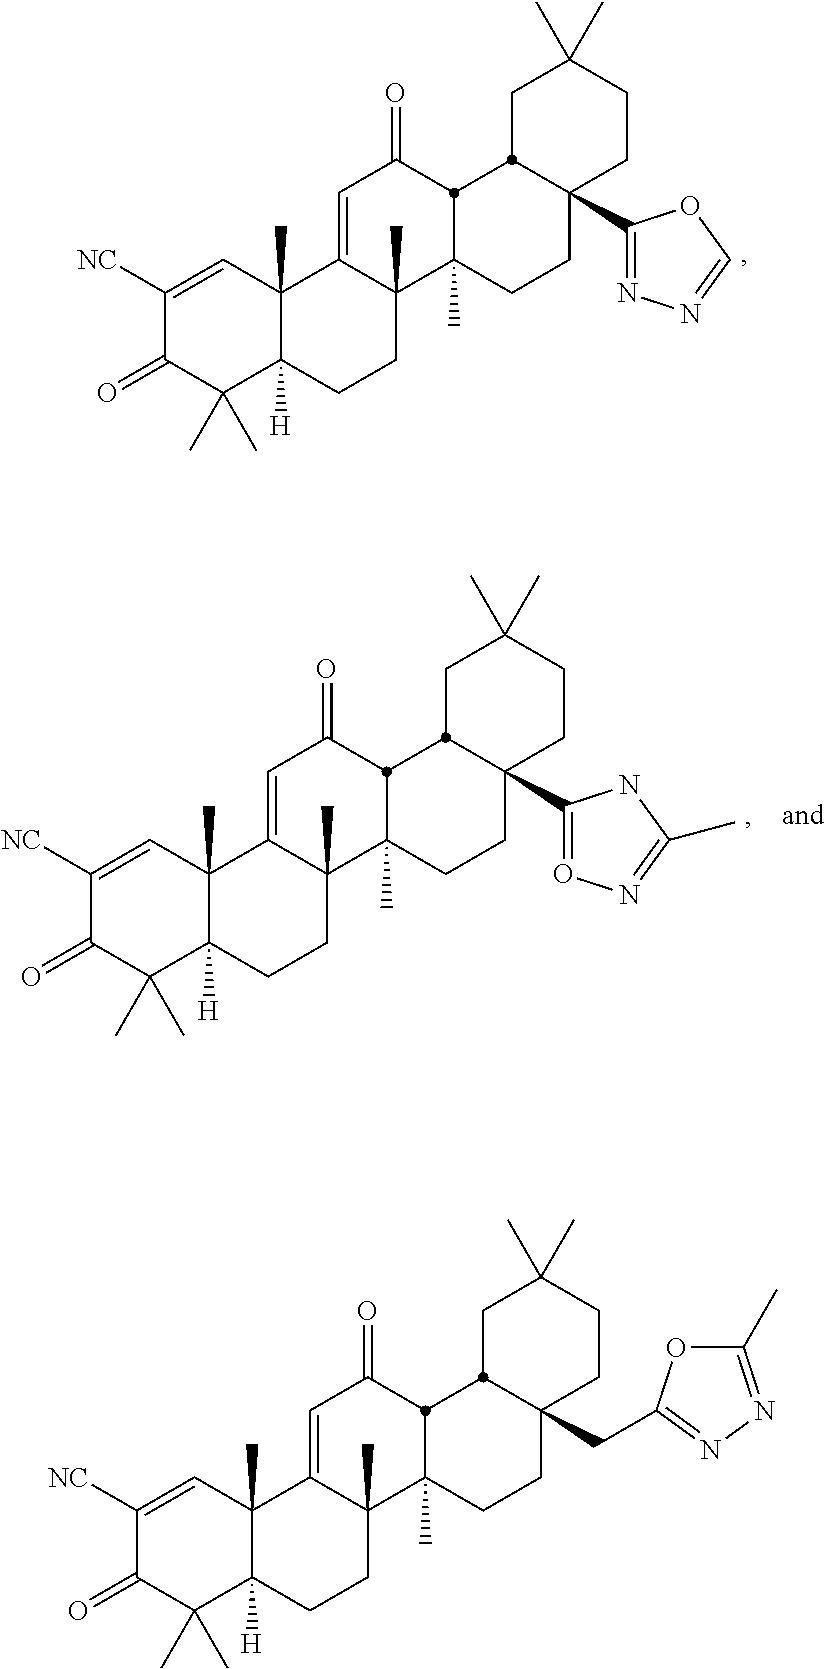 Figure US09889143-20180213-C00005